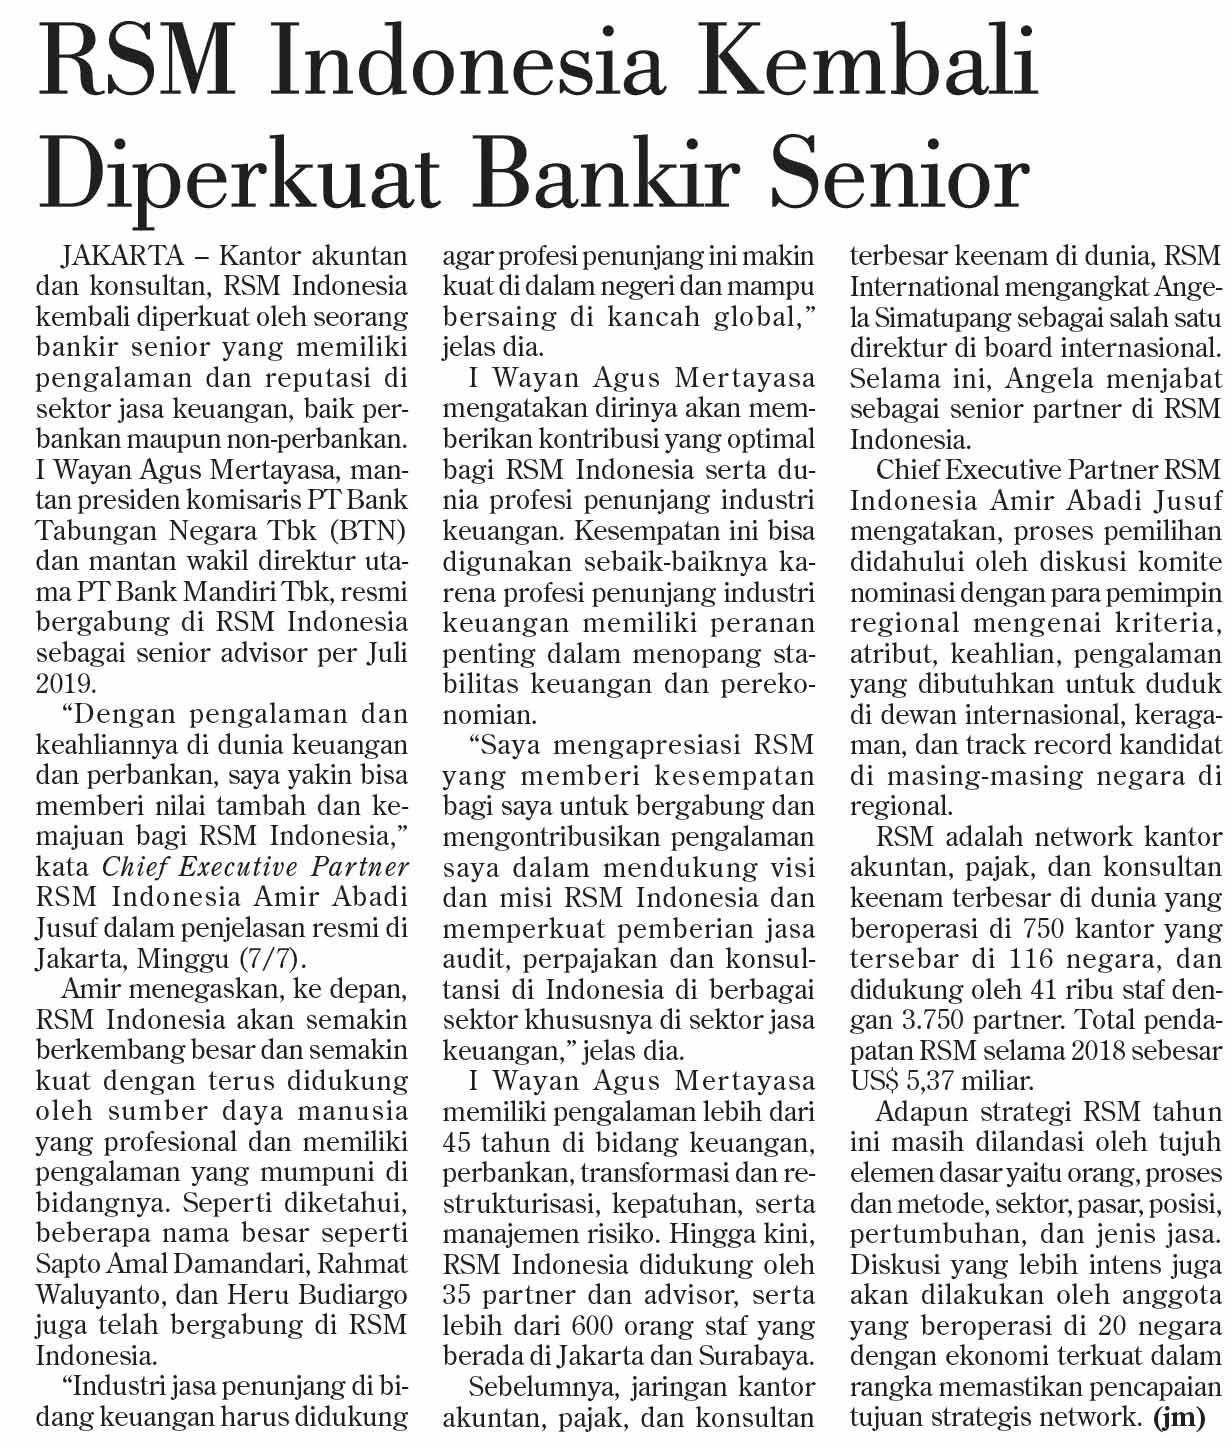 20190708-investor-daily-hal-14-rsm-indonesia-kembali-diperkuat-bankir-senio.jpg